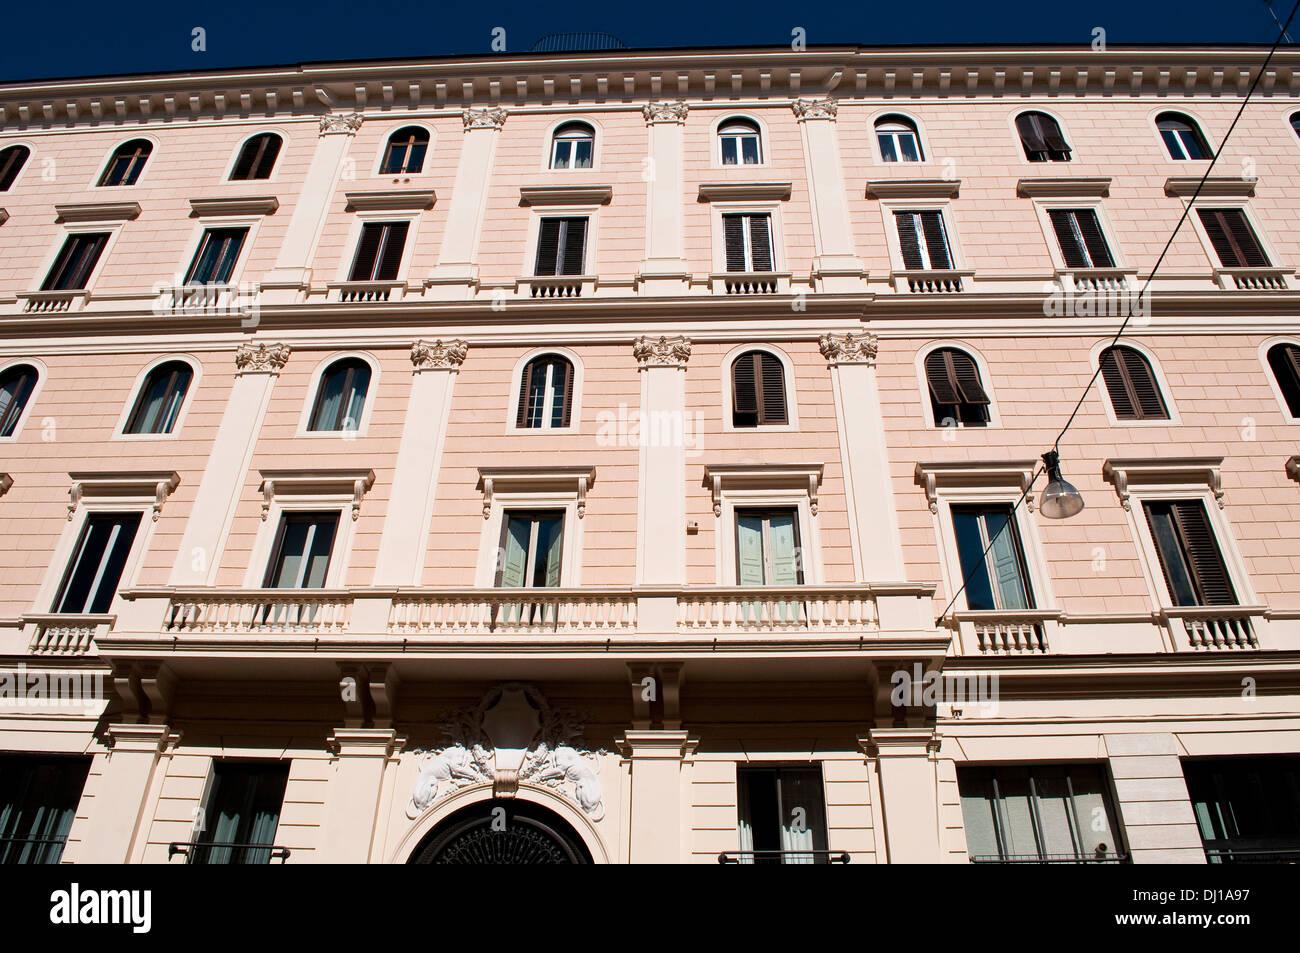 Beautiful facade at Square Largo di Torre Argentina, Campus Martius, Rome, Italy - Stock Image